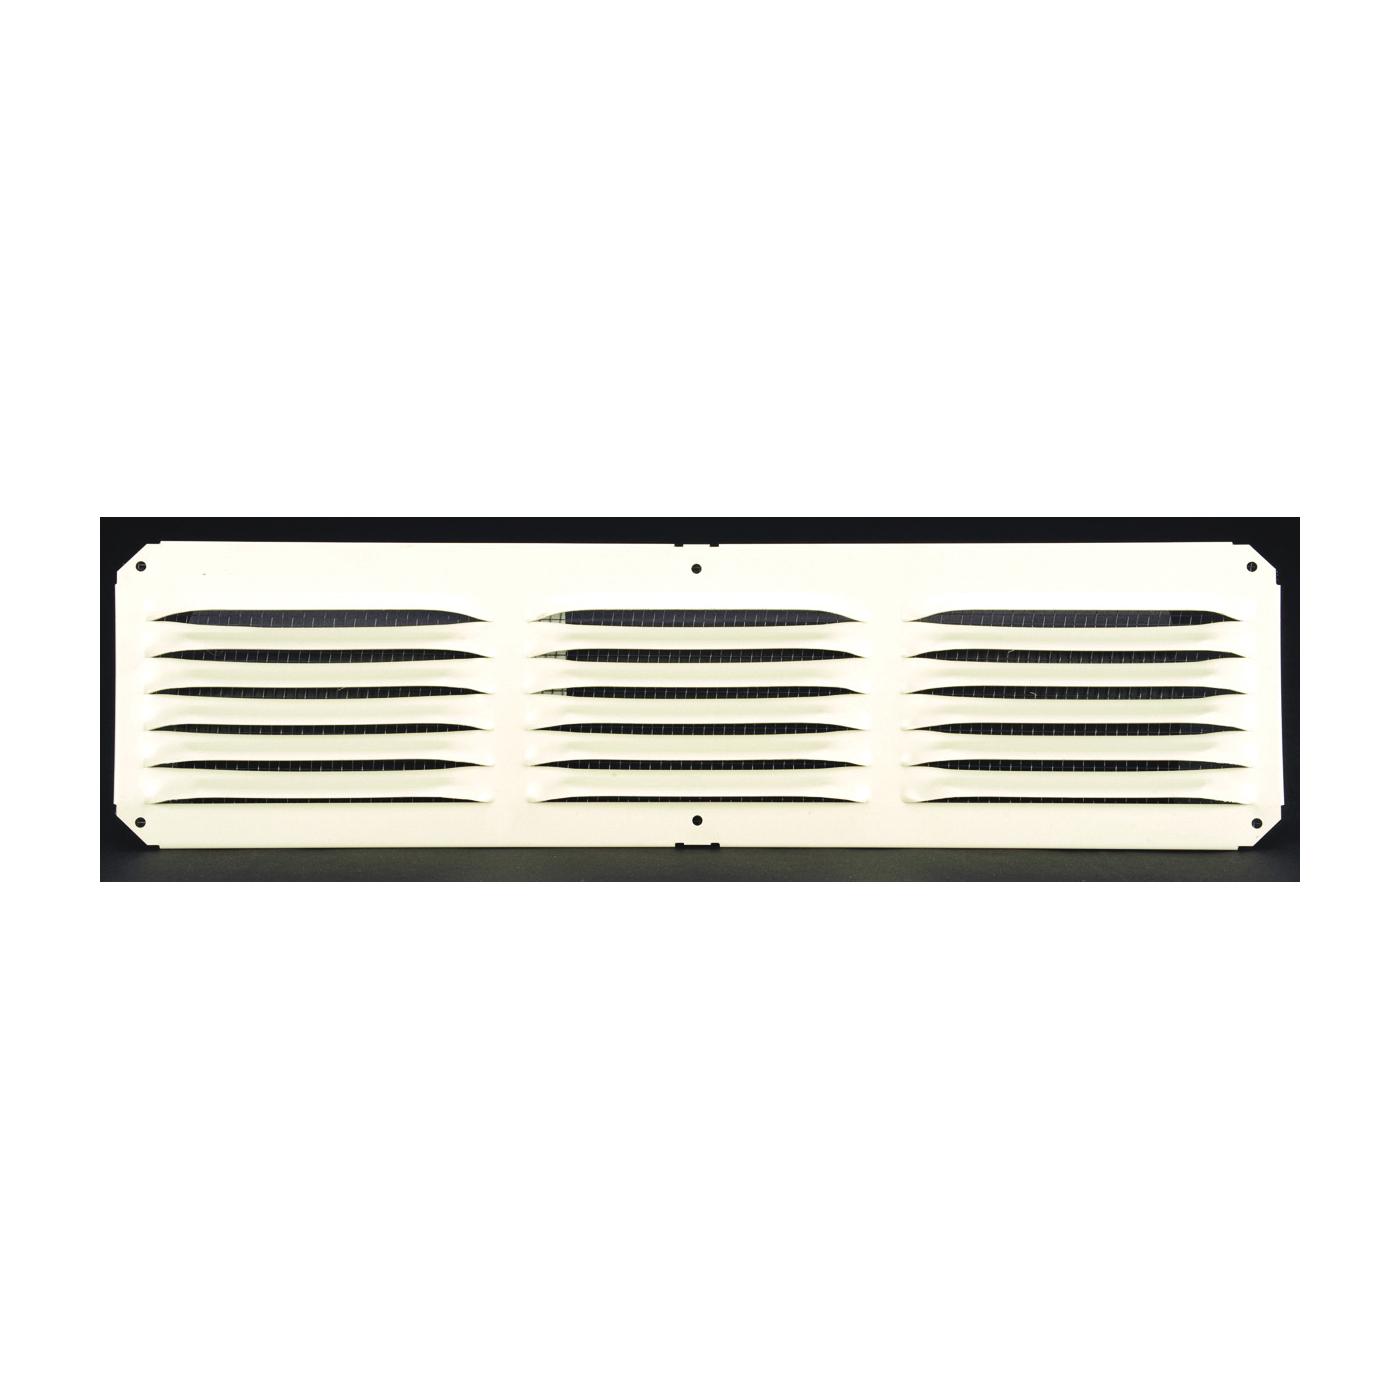 Picture of LOMANCO LomanCool C416W Cornice Vent, 4 in L, 16 in W, 25 sq-ft Net Free Ventilating Area, Aluminum, White